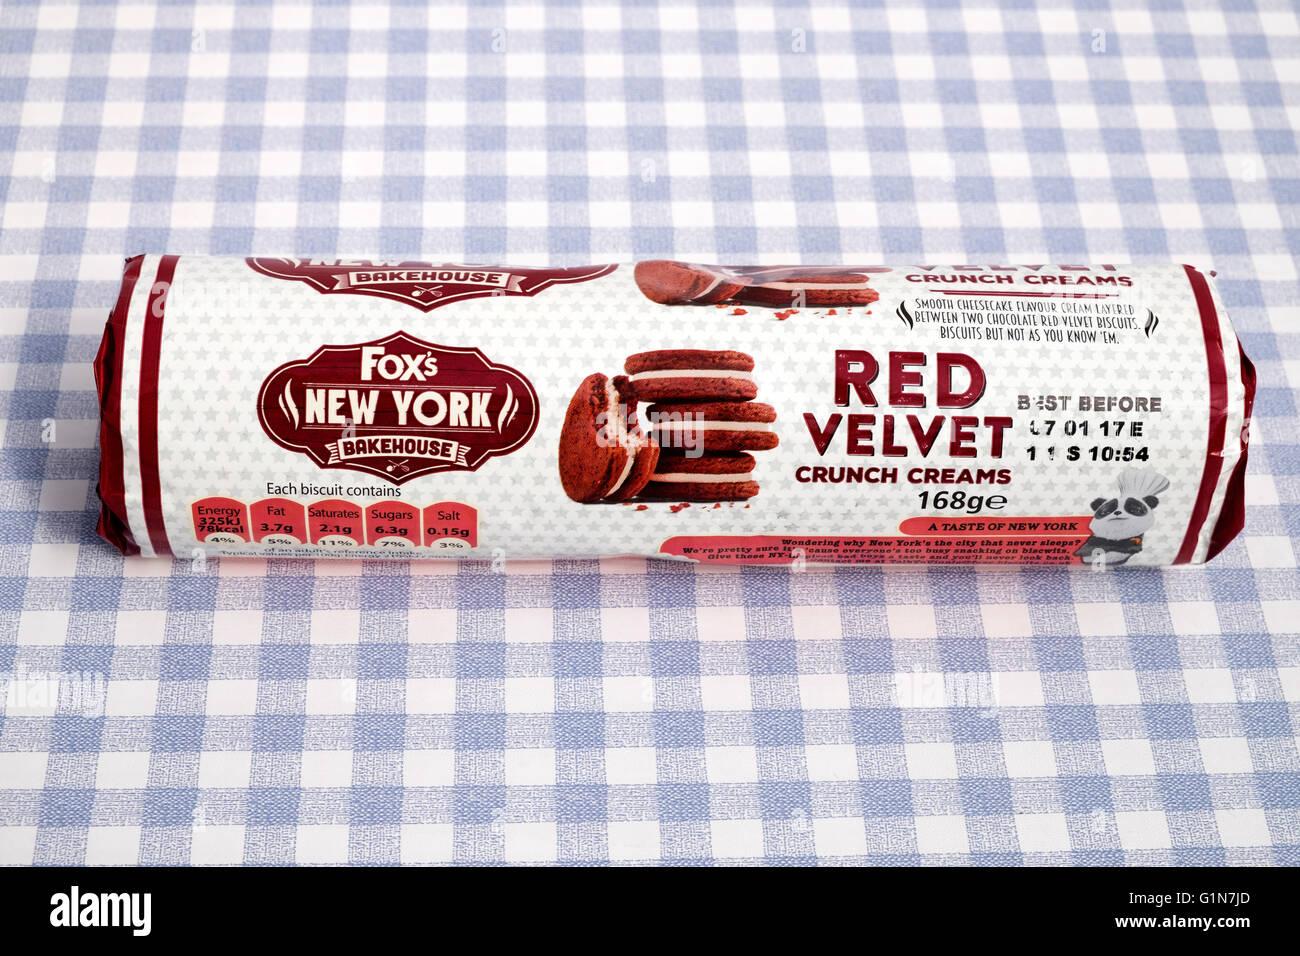 Foxs New York Bakehouse Red Velvet crunch creams - Stock Image